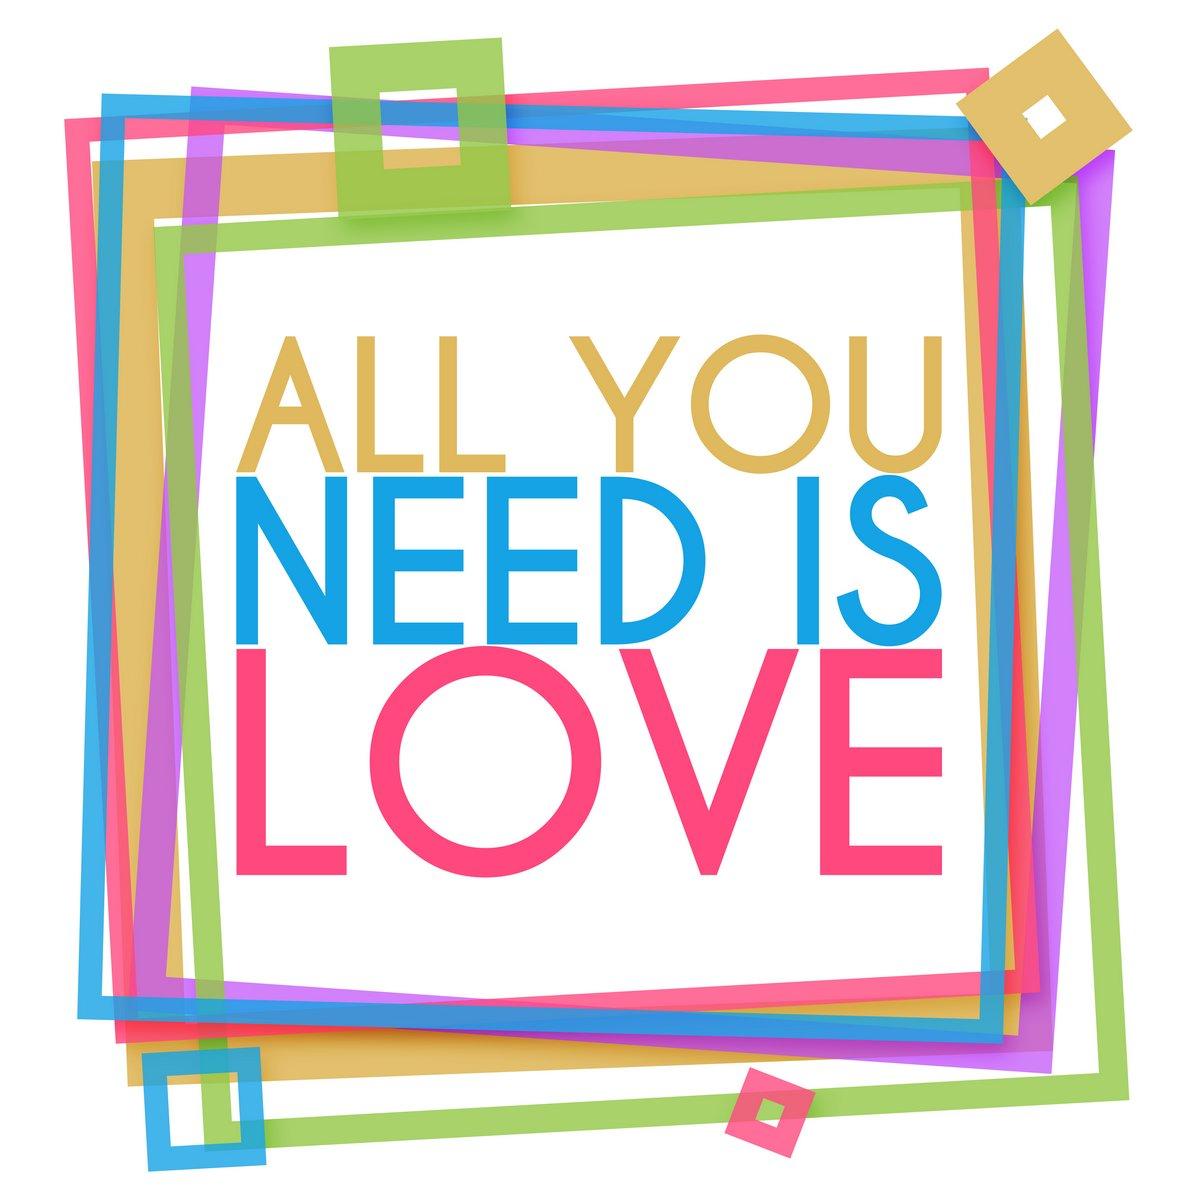 Постер-картина Мотивационный плакат Все, Что Вам Нужно, Это Любовь Яркими КадрМотивационный плакат<br>Постер на холсте или бумаге. Любого нужного вам размера. В раме или без. Подвес в комплекте. Трехслойная надежная упаковка. Доставим в любую точку России. Вам осталось только повесить картину на стену!<br>